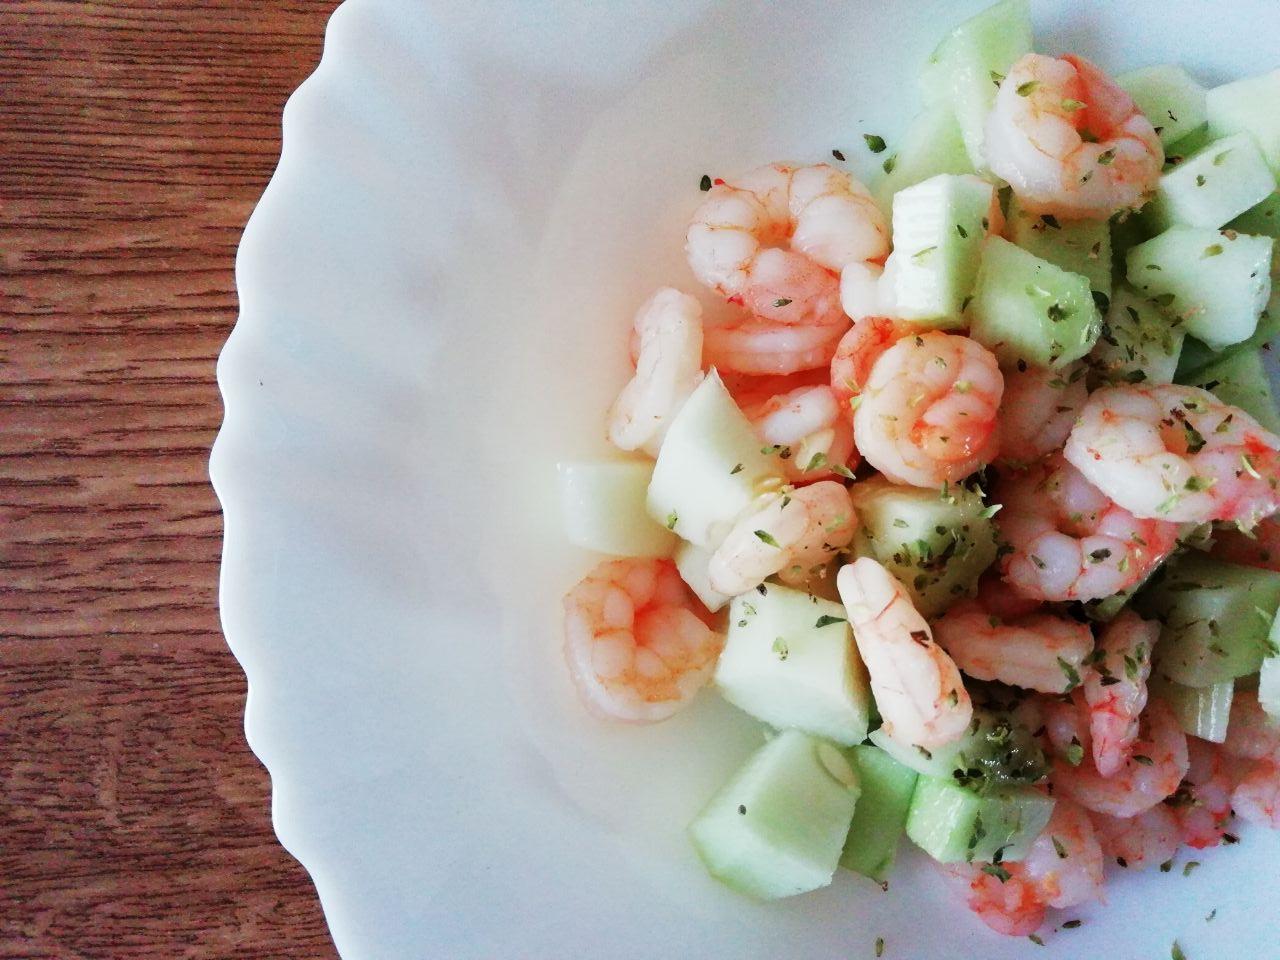 Piatti leggeri a base di pesce: insalata di cetrioli e gamberetti al vino bianco!